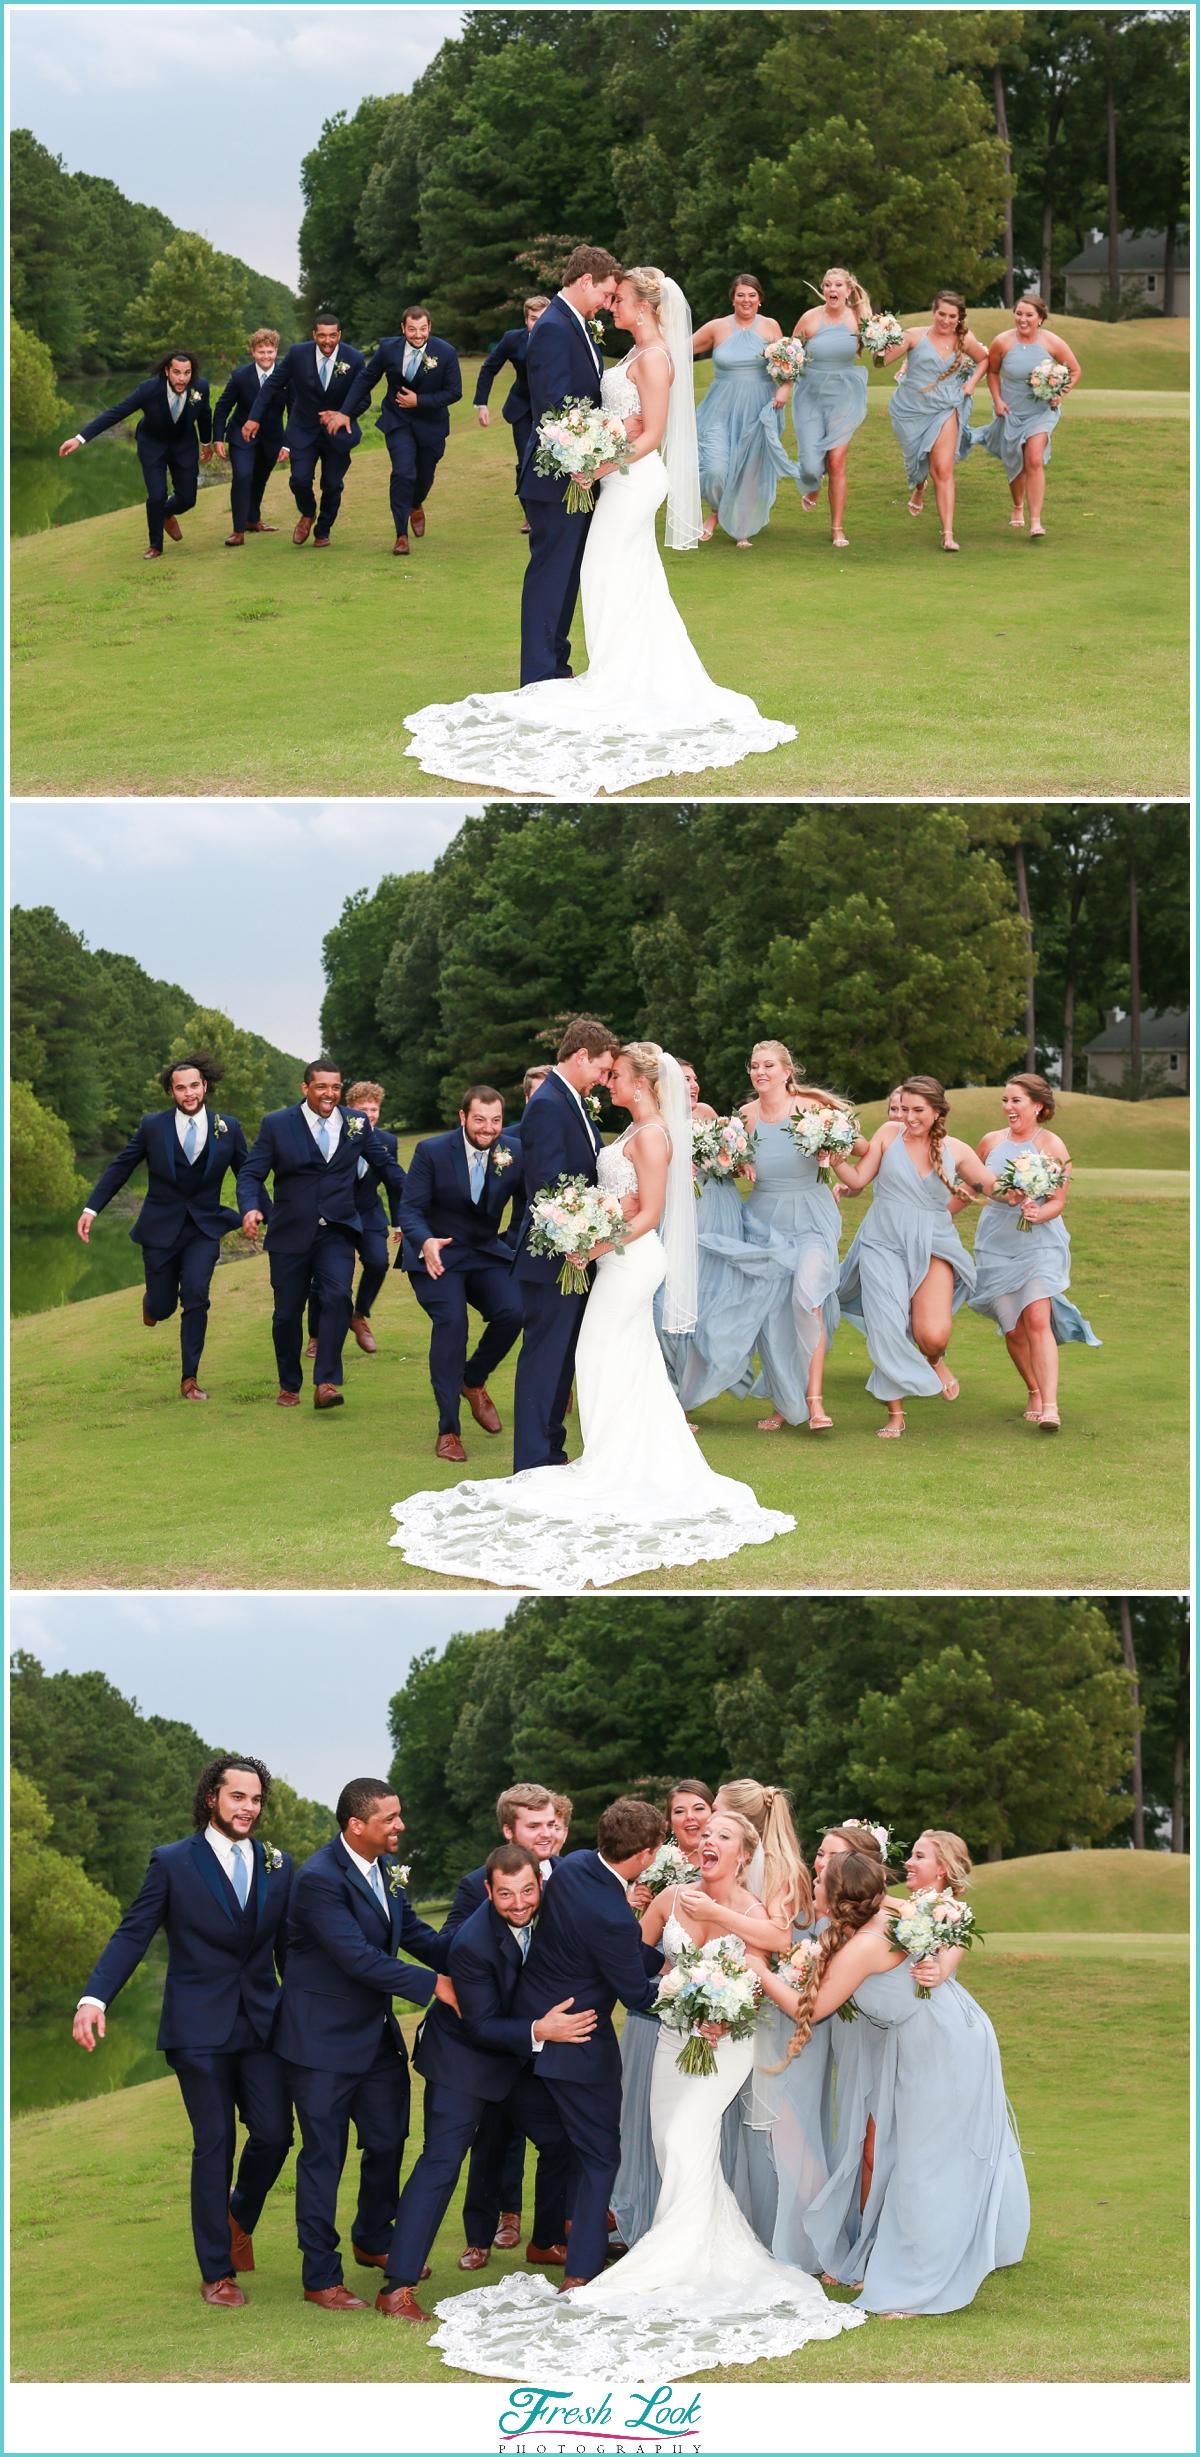 fun wedding photography photos